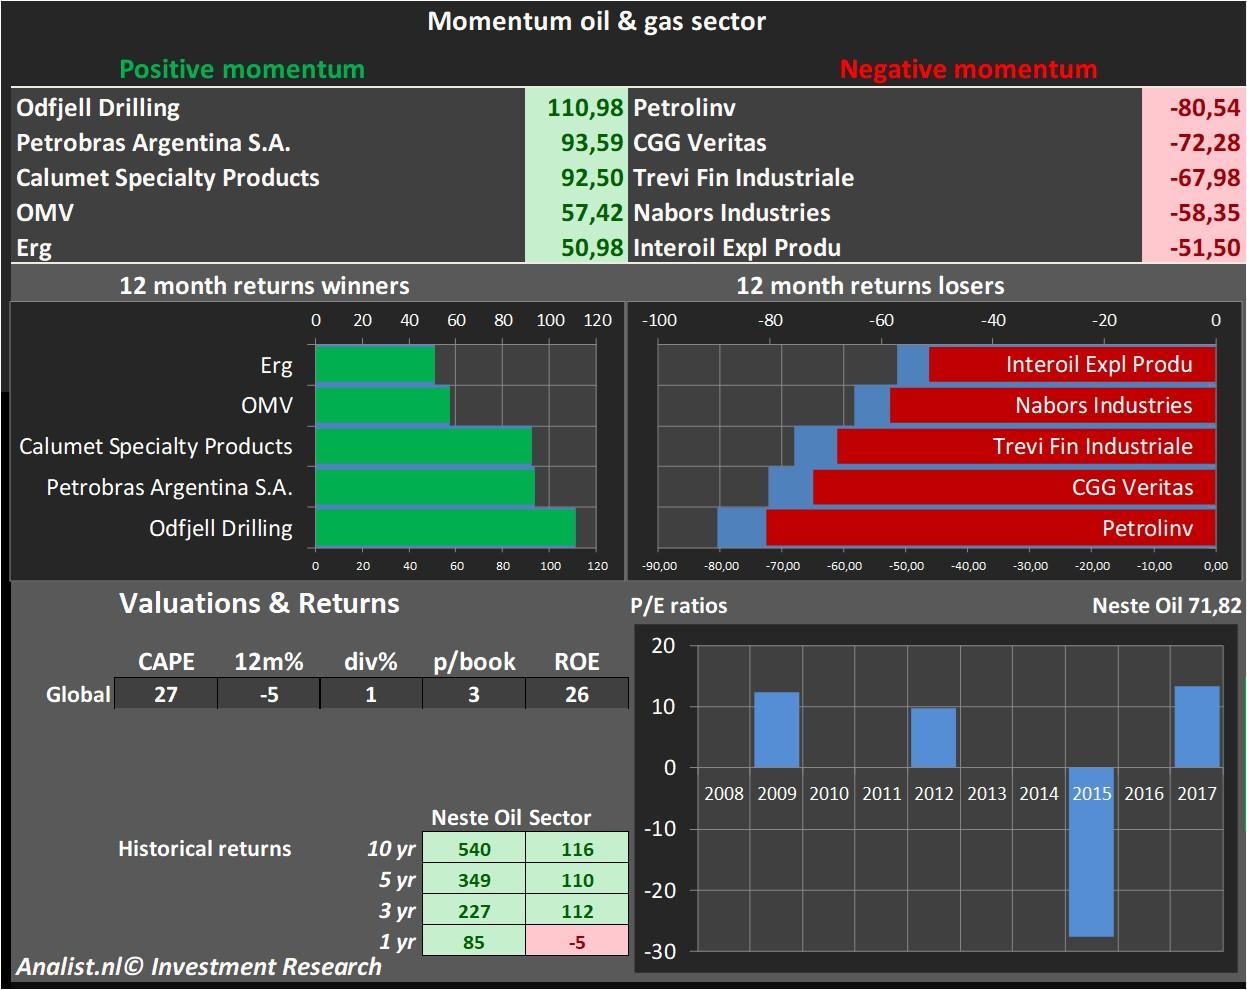 Neste Oil strong outperformer in European oil &